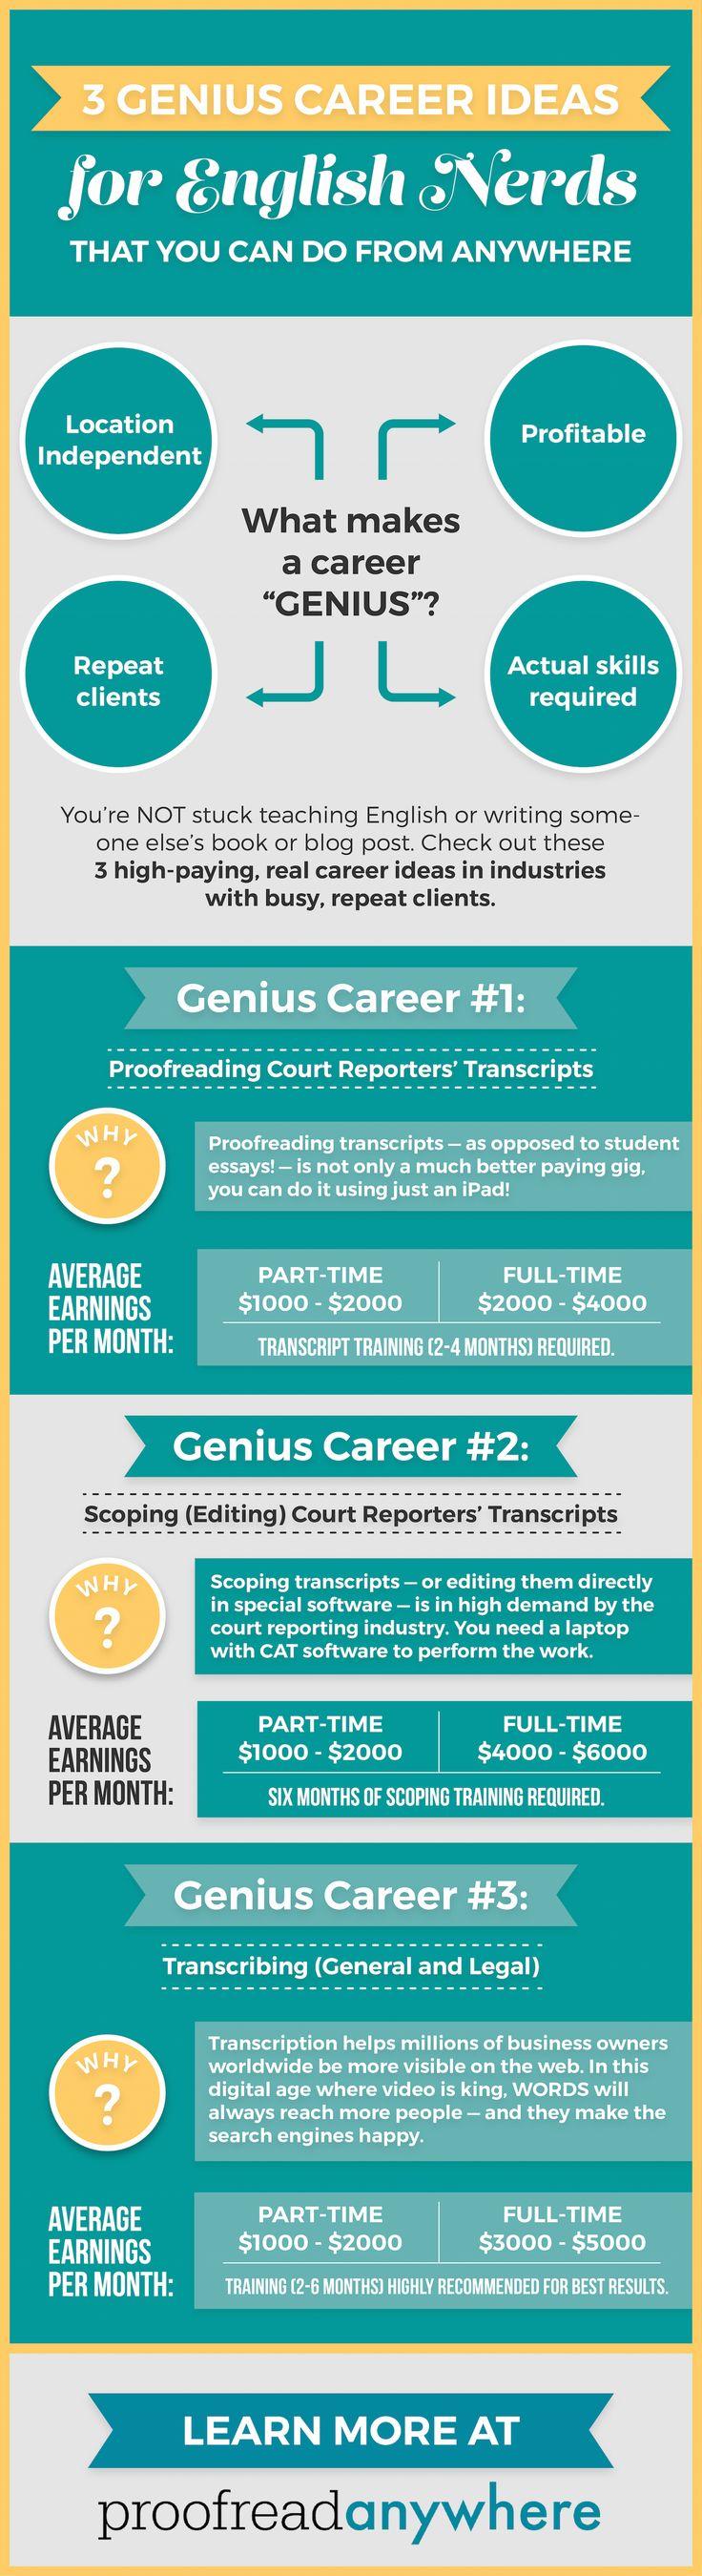 3 Genius Career Ideas for English Nerds